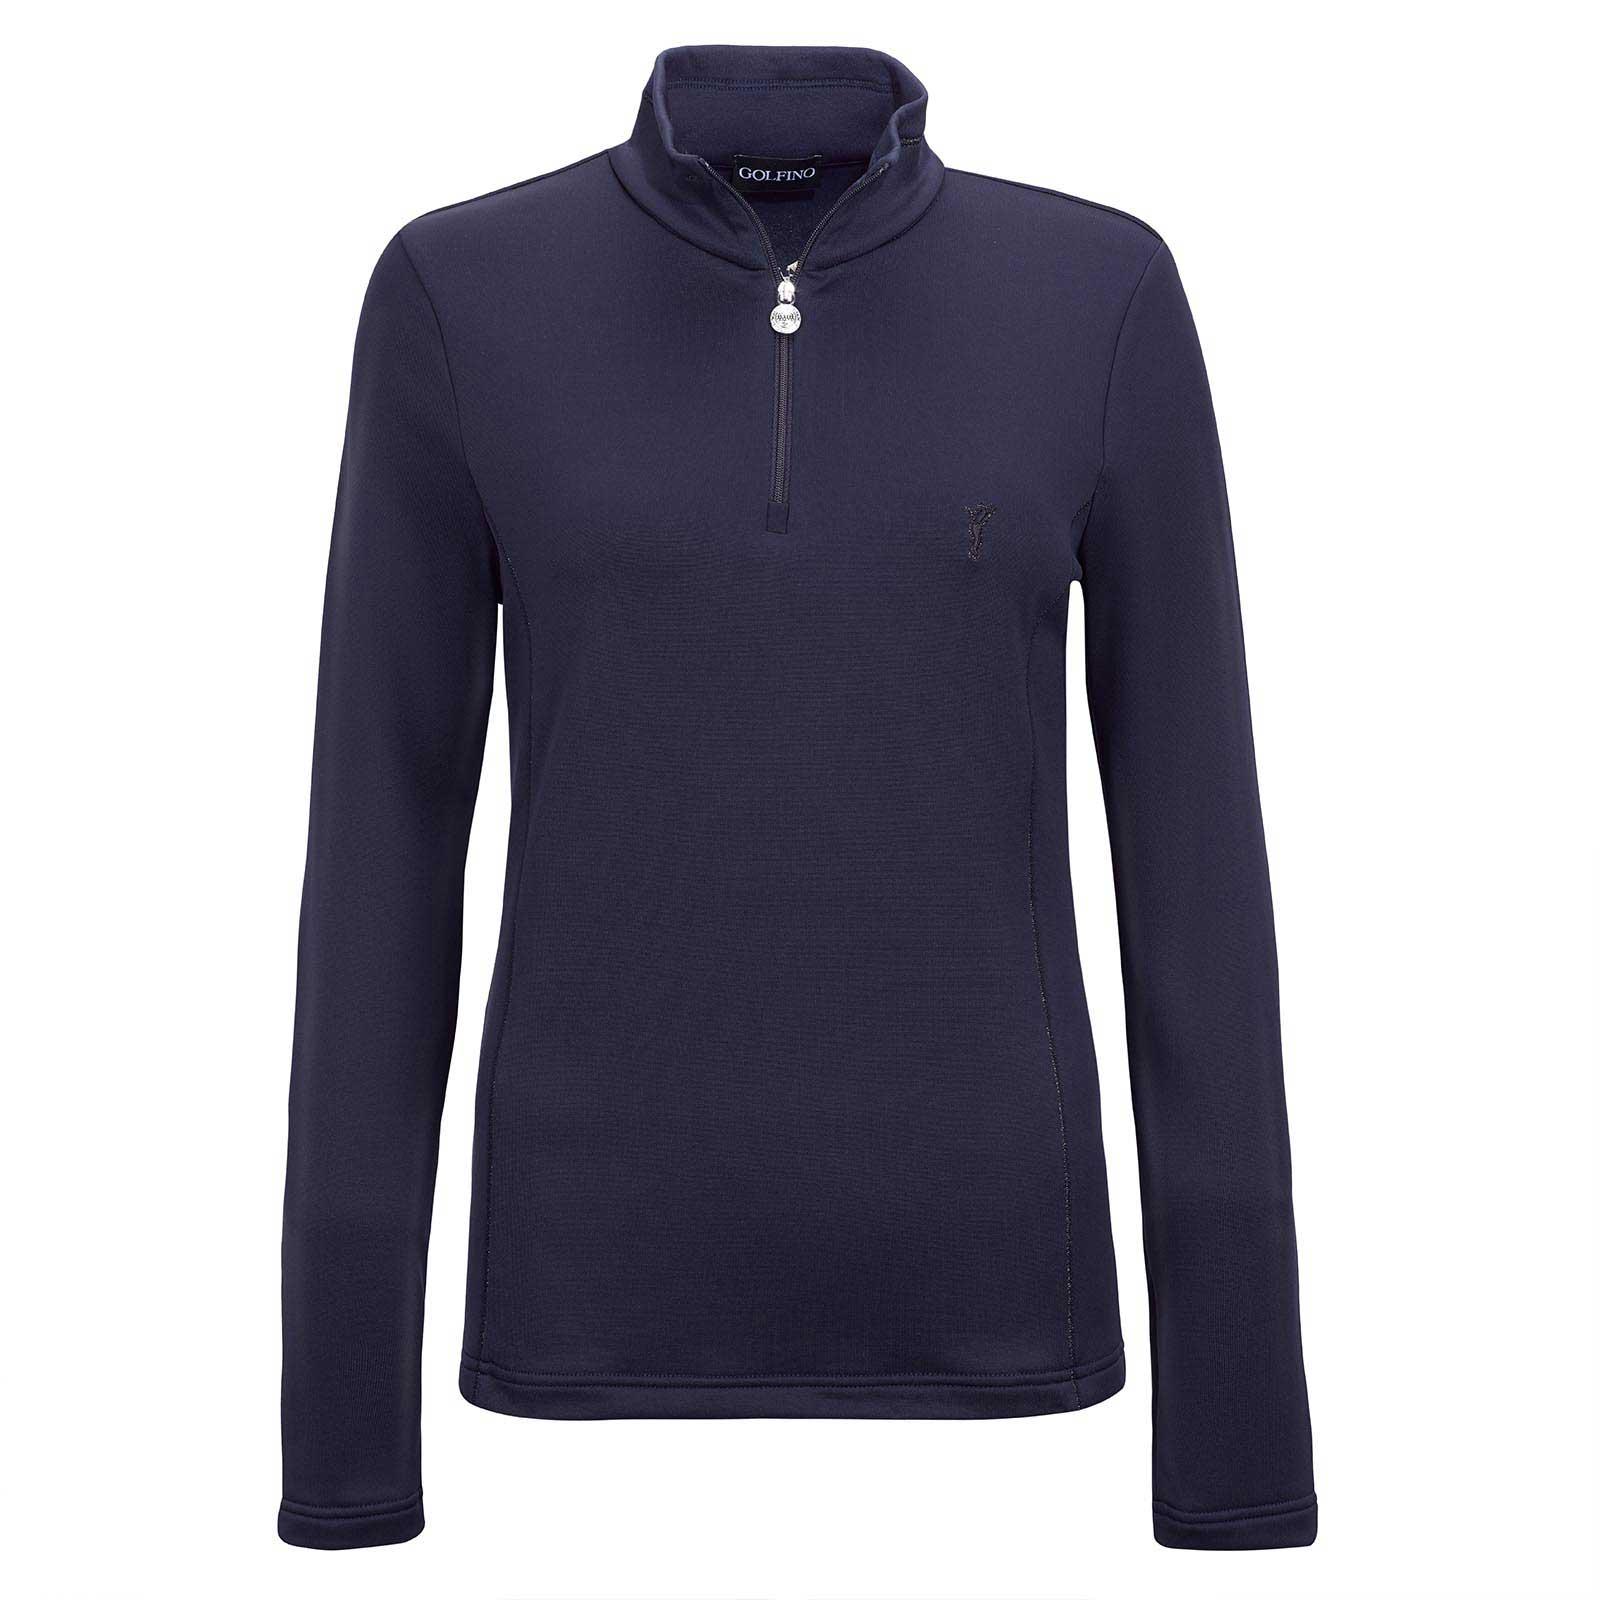 Jersey de golf con cremallera delantera Techno-Stretch de manga larga de mujer con detalles metálicos en las costuras